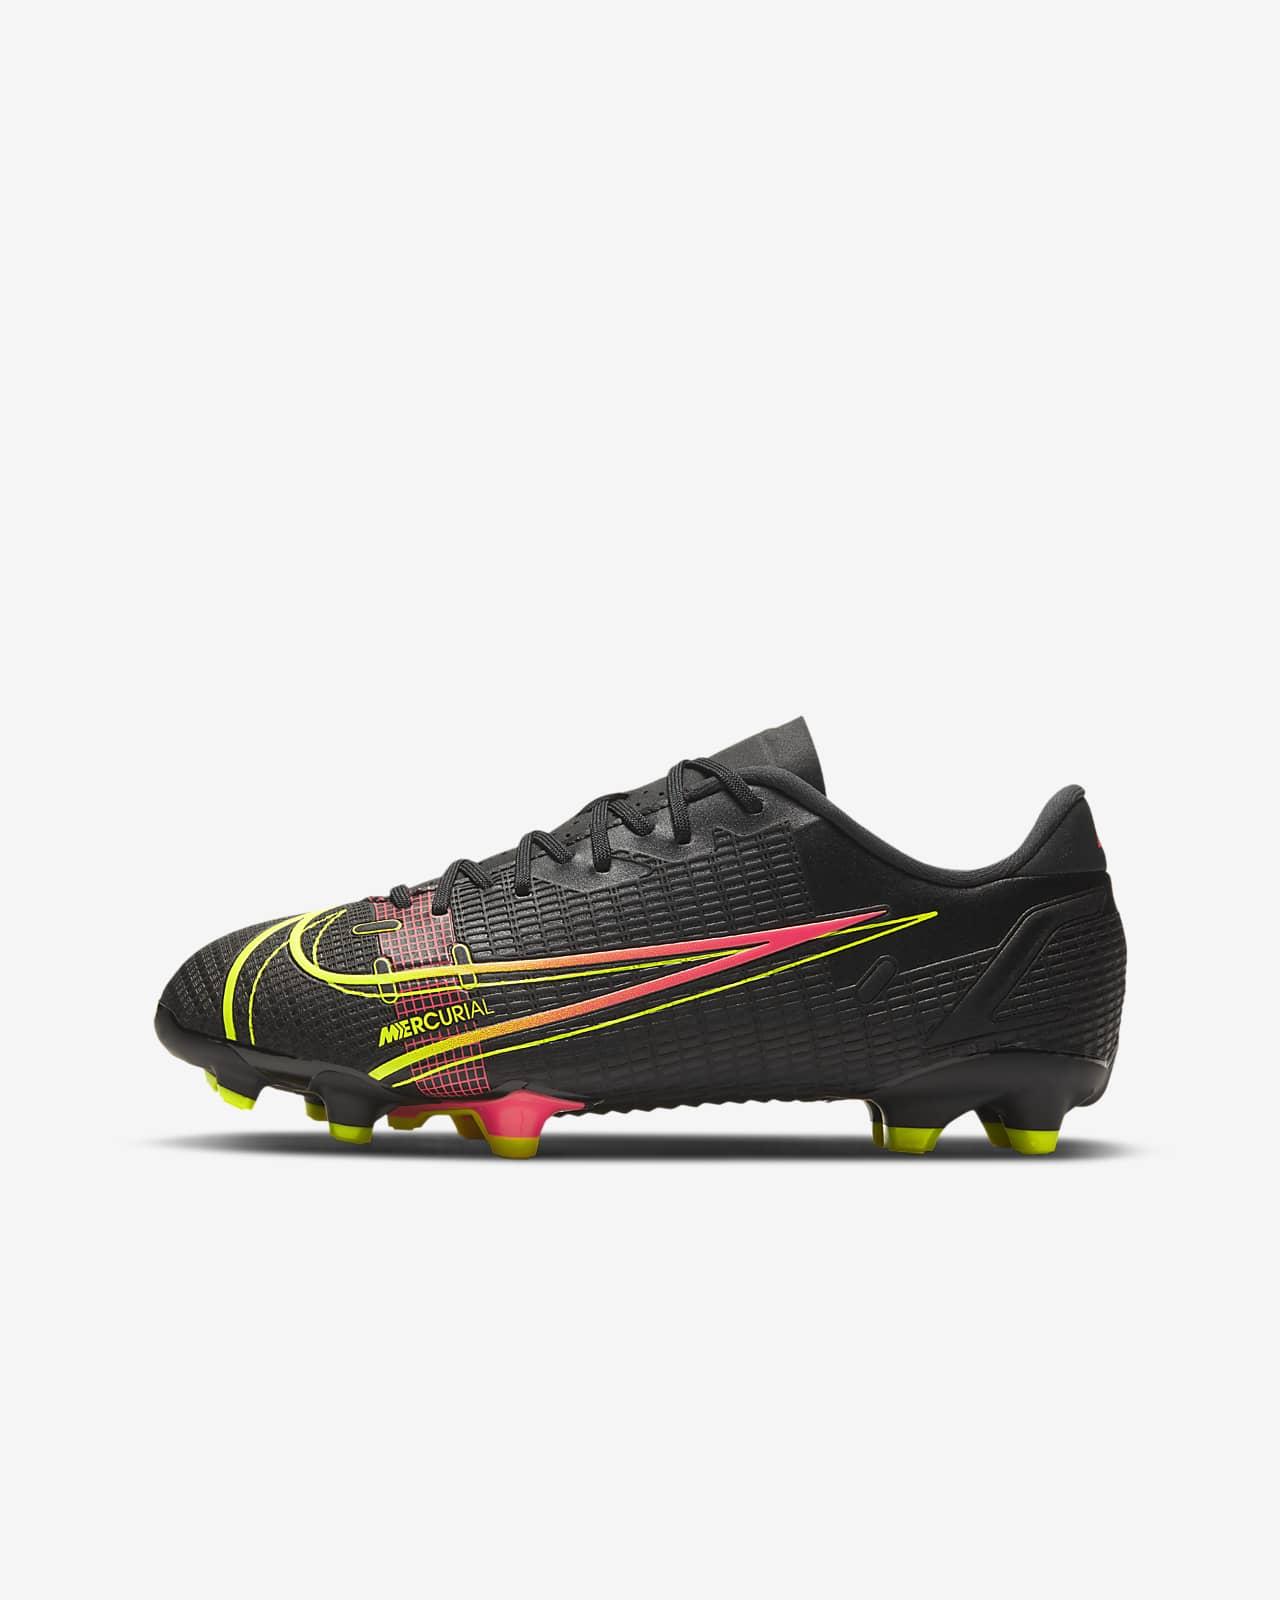 Chaussure de football à crampons multi-surfaces Nike Jr. Mercurial Vapor 14 Academy FG/MG pour Jeune enfant/Enfant plus âgé